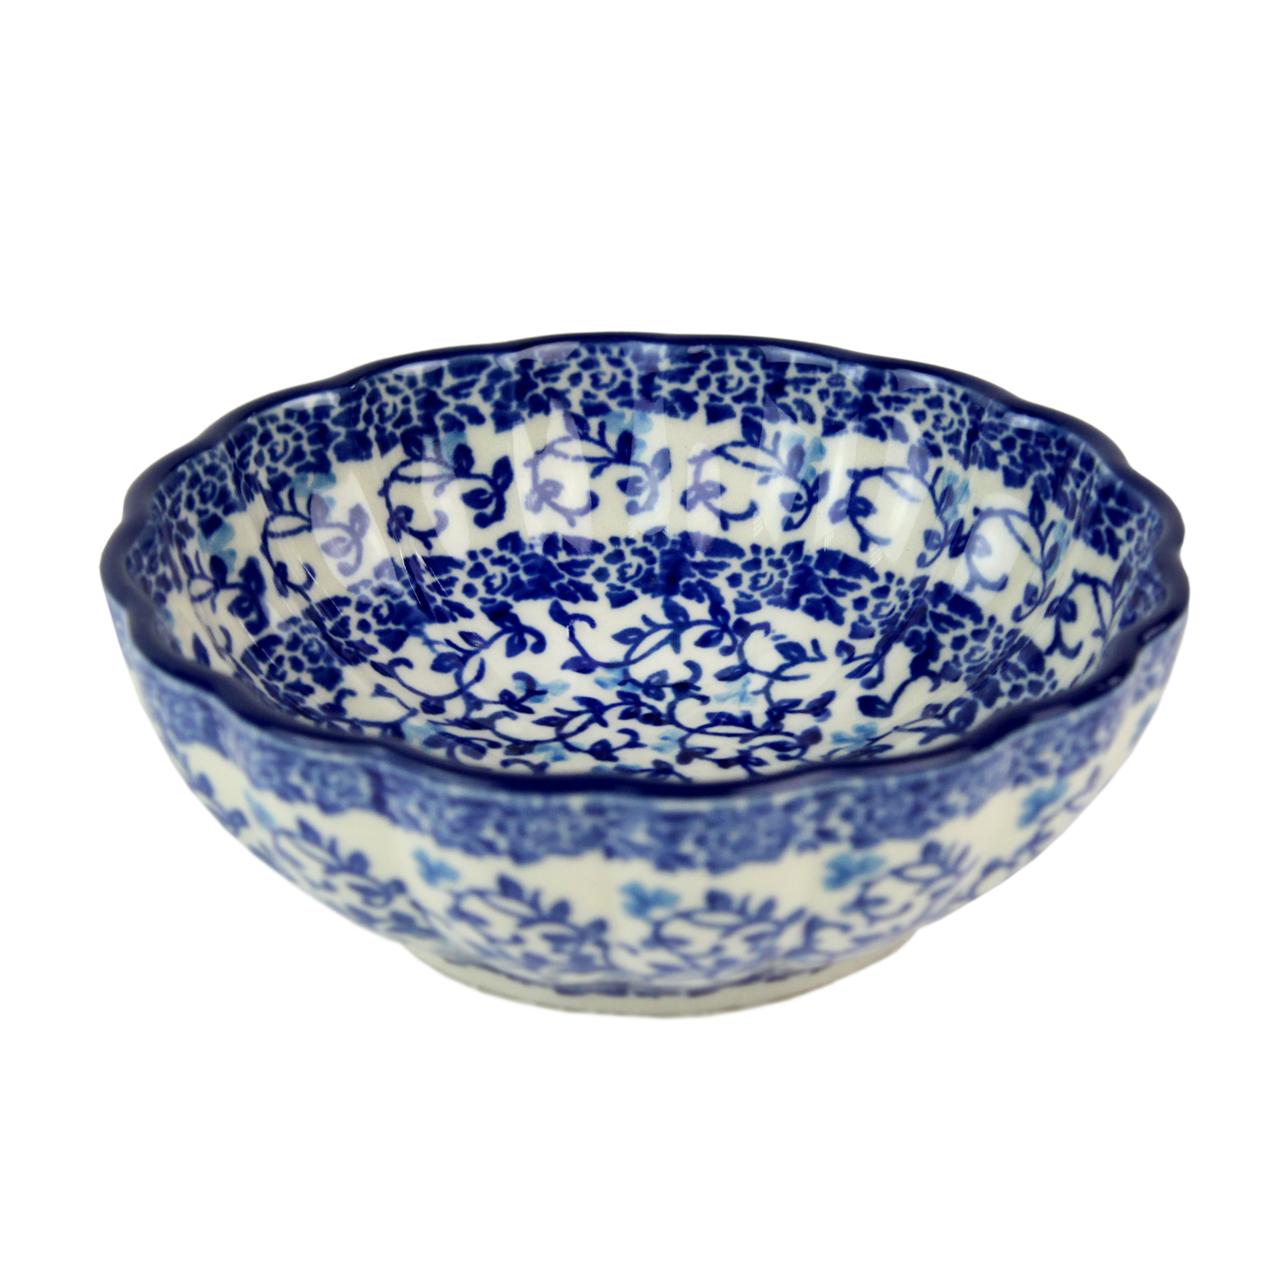 Bol Din Ceramica Cu Crengute Albastre 12 Cm